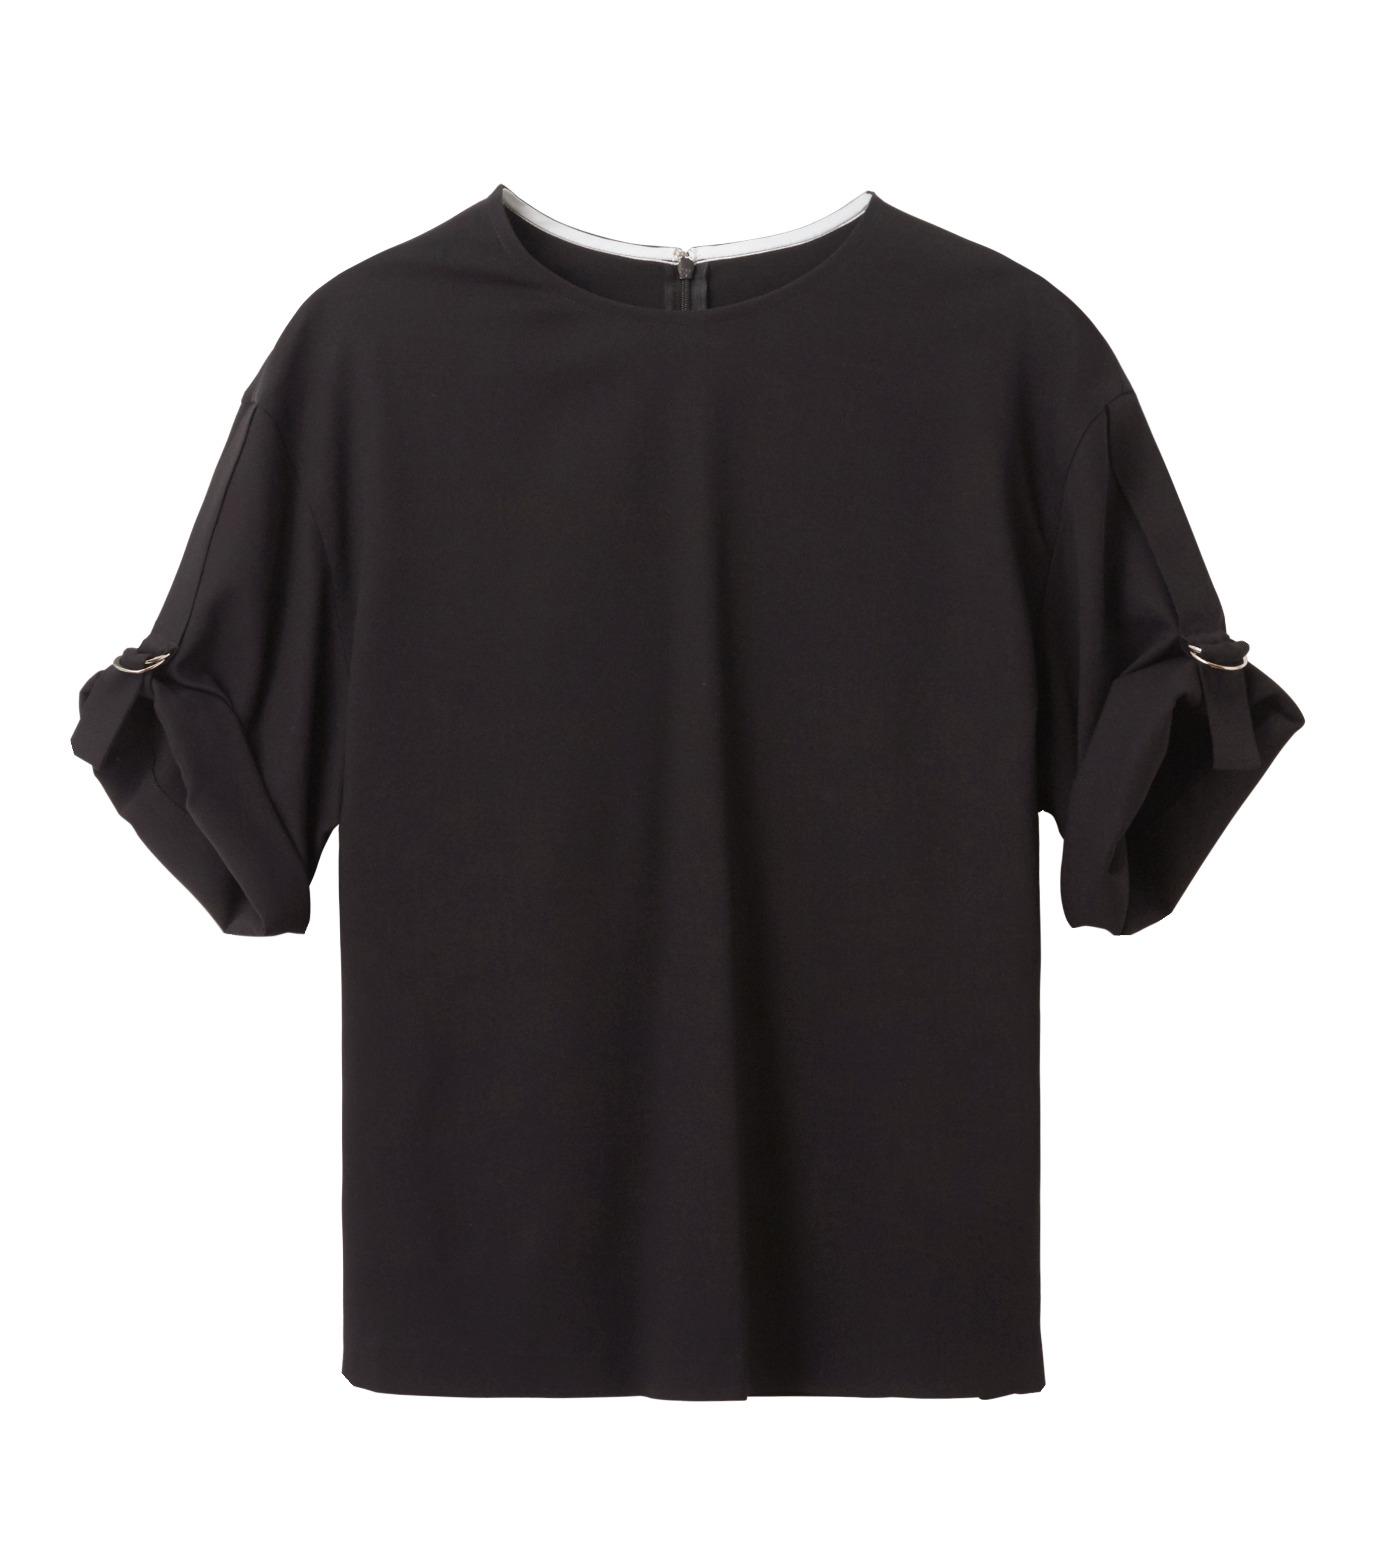 LE CIEL BLEU(ルシェルブルー)のテープモチーフジョーゼットトップス-BLACK(シャツ/shirt)-18A63209 拡大詳細画像4